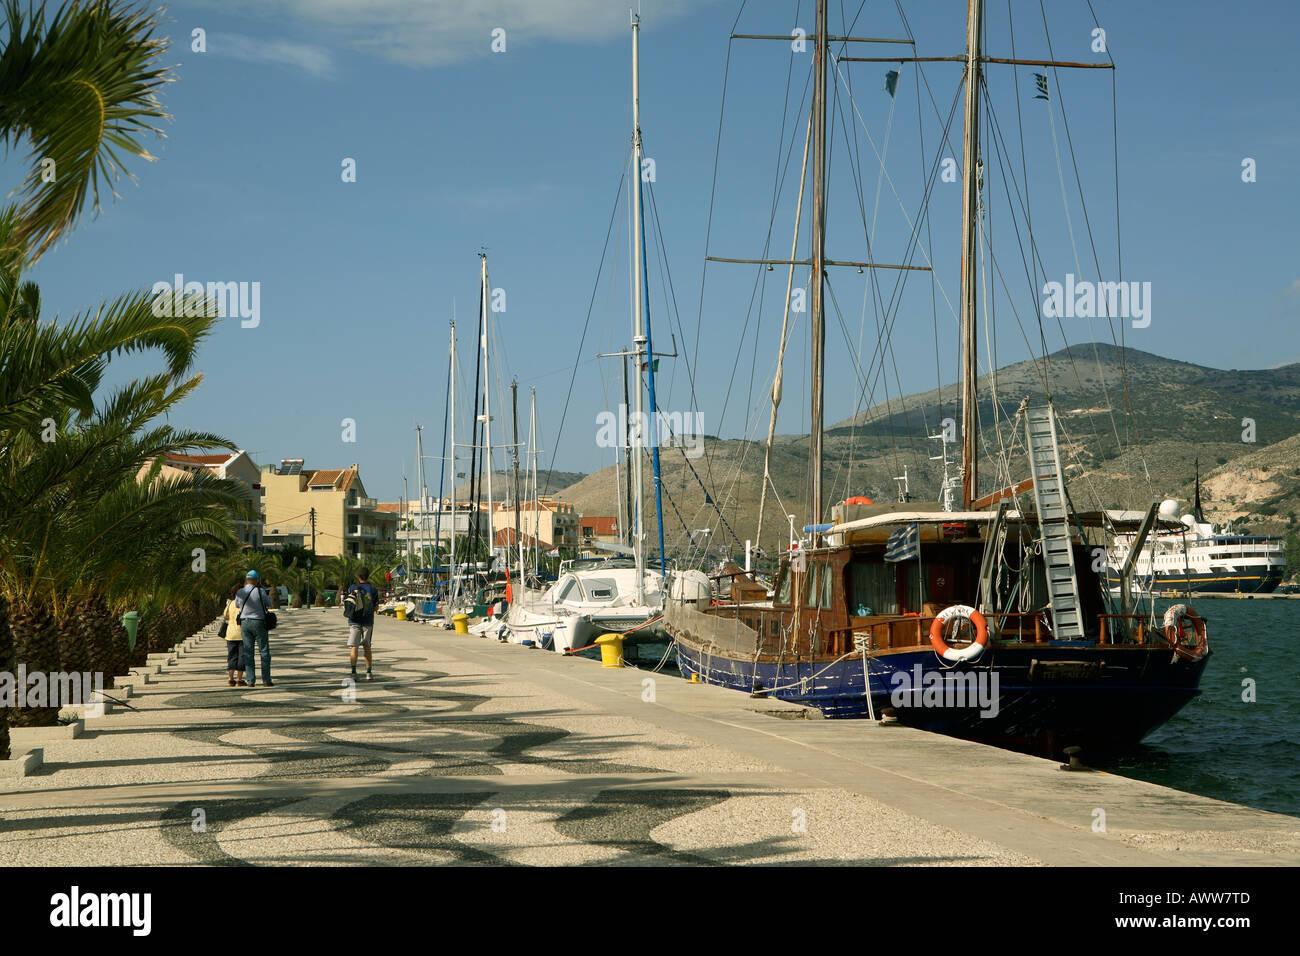 Greece. Kefallonia. Argostoli esplanade - Stock Image